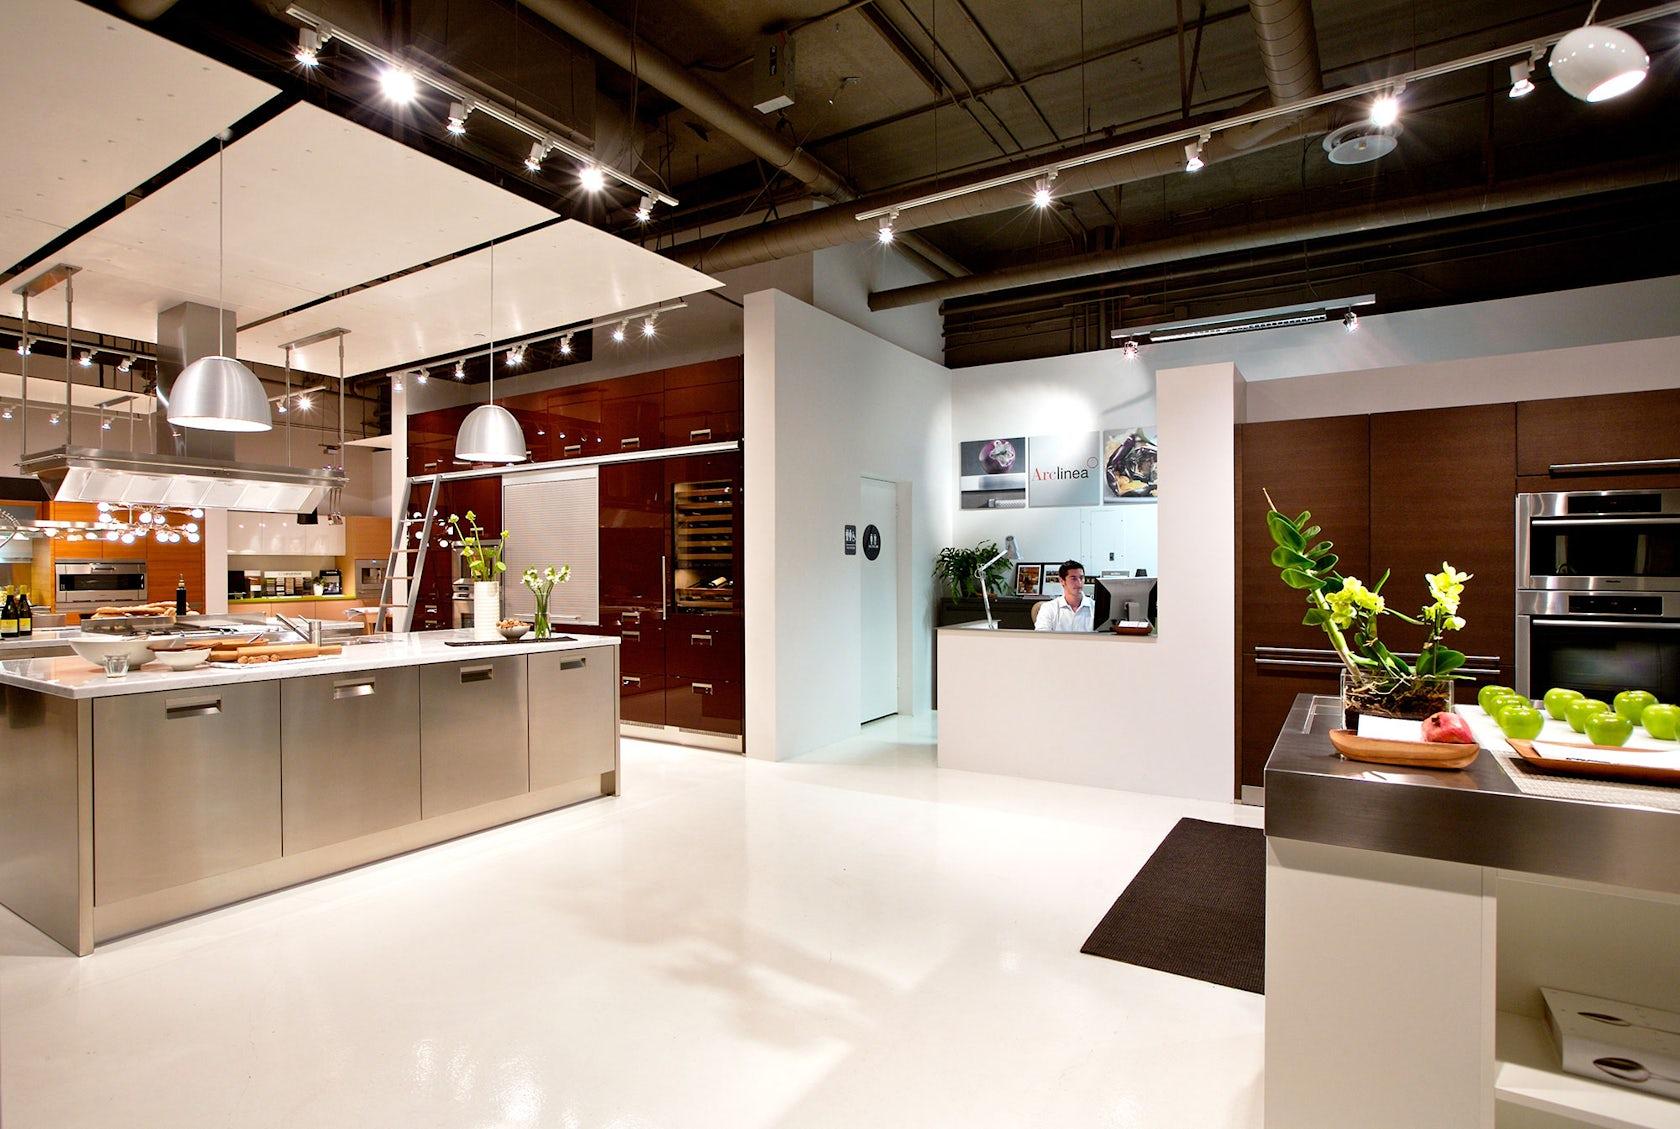 Kitchen showroom architizer for Kitchen showrooms san diego